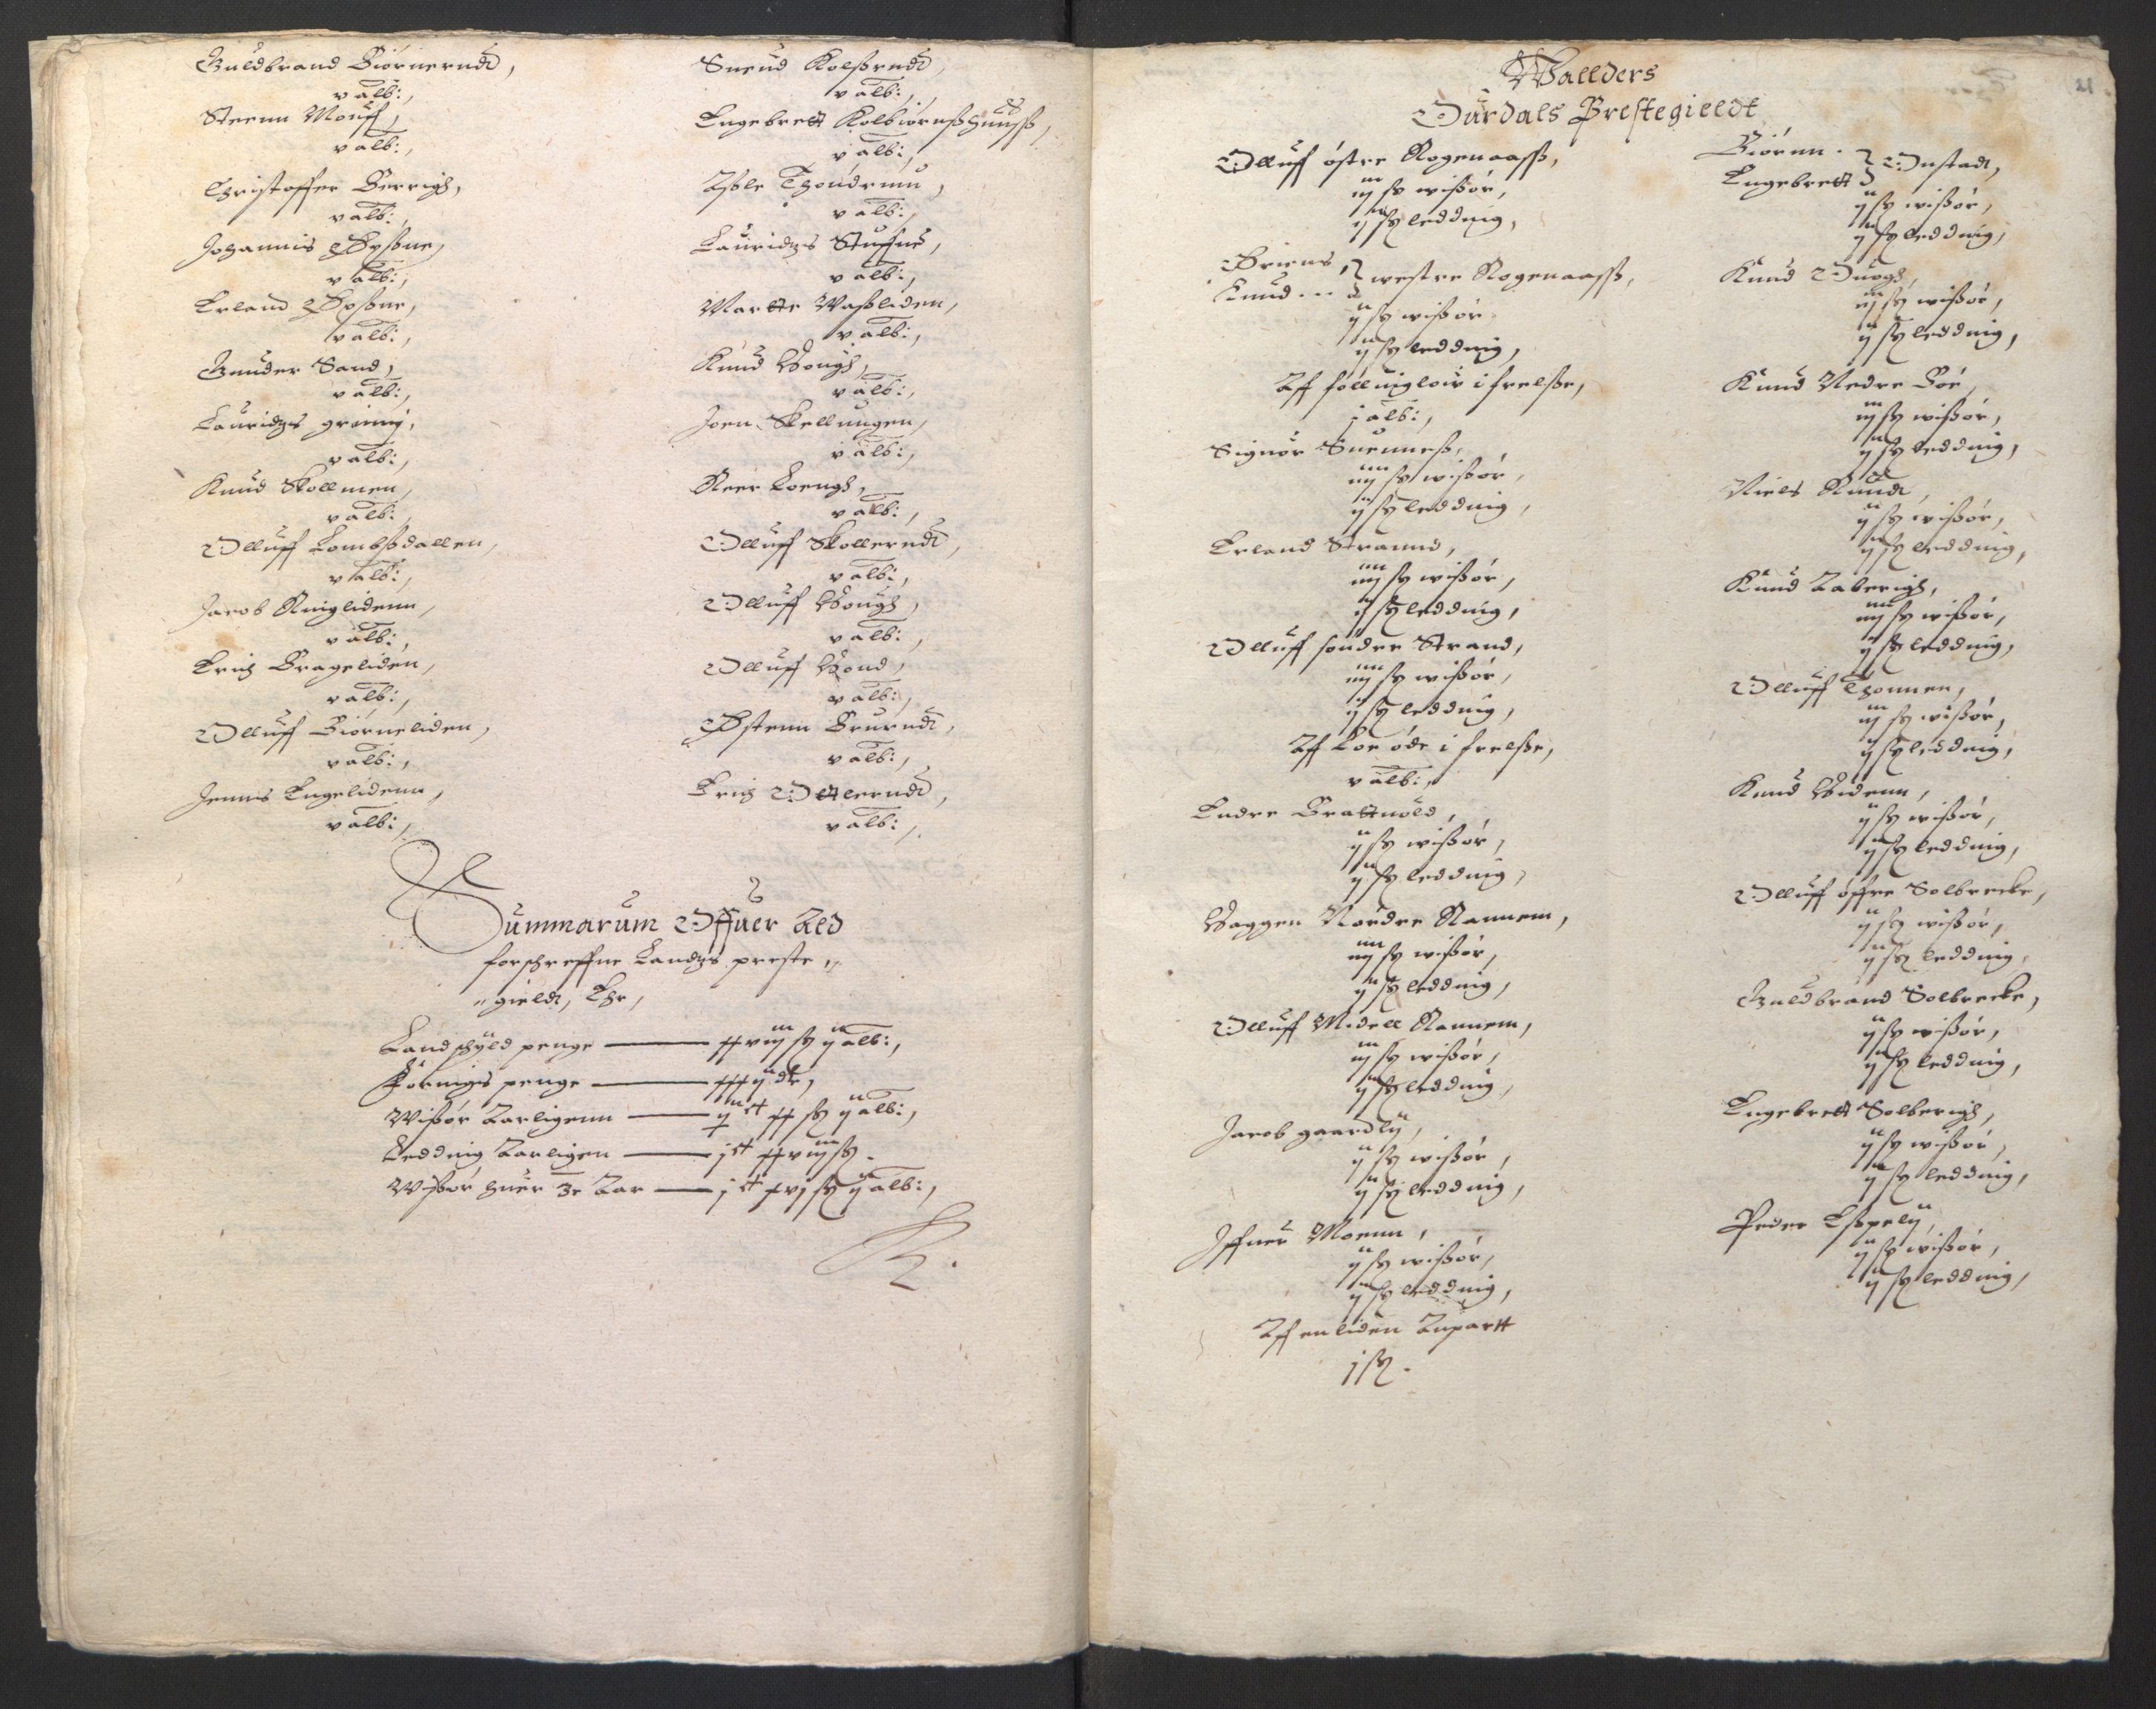 RA, Stattholderembetet 1572-1771, Ek/L0001: Jordebøker før 1624 og til utligning av garnisonsskatt 1624-1626:, 1624-1625, s. 88